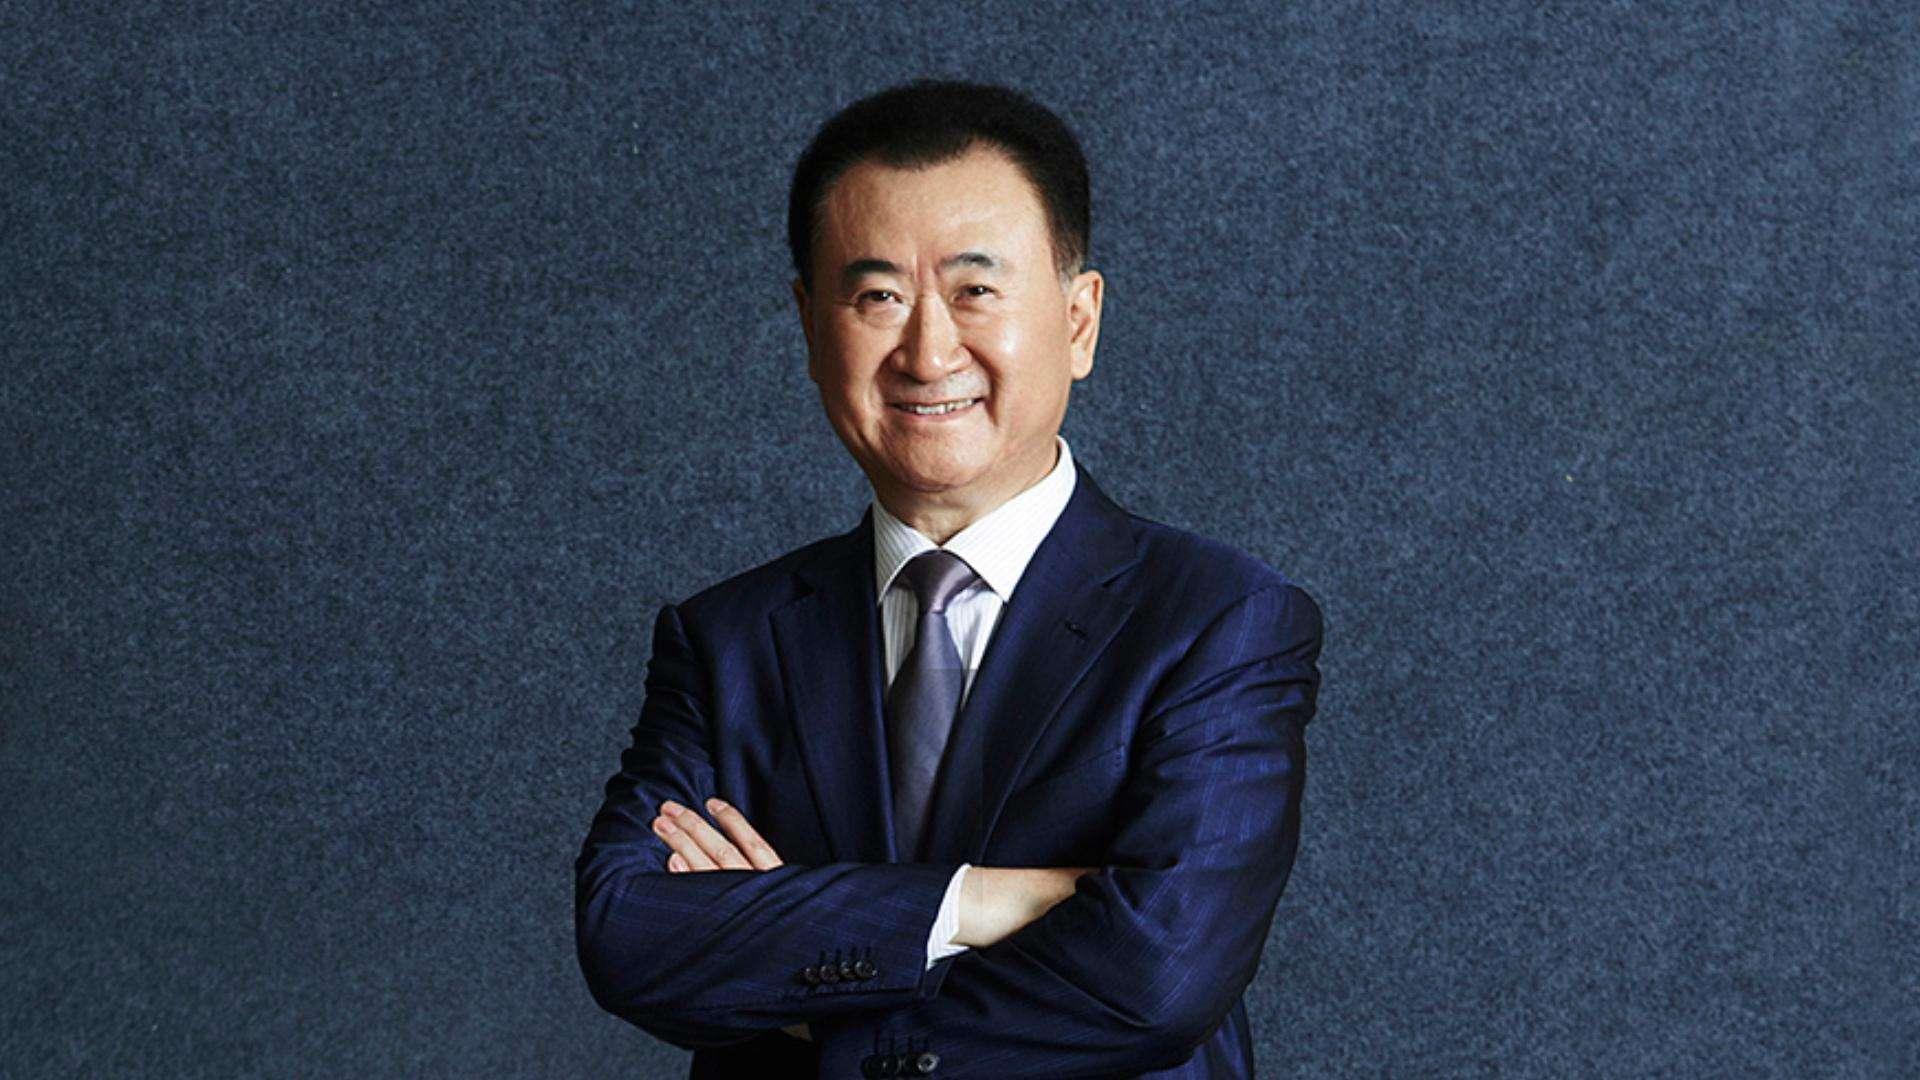 王健林也正式宣布万达重返中国足坛